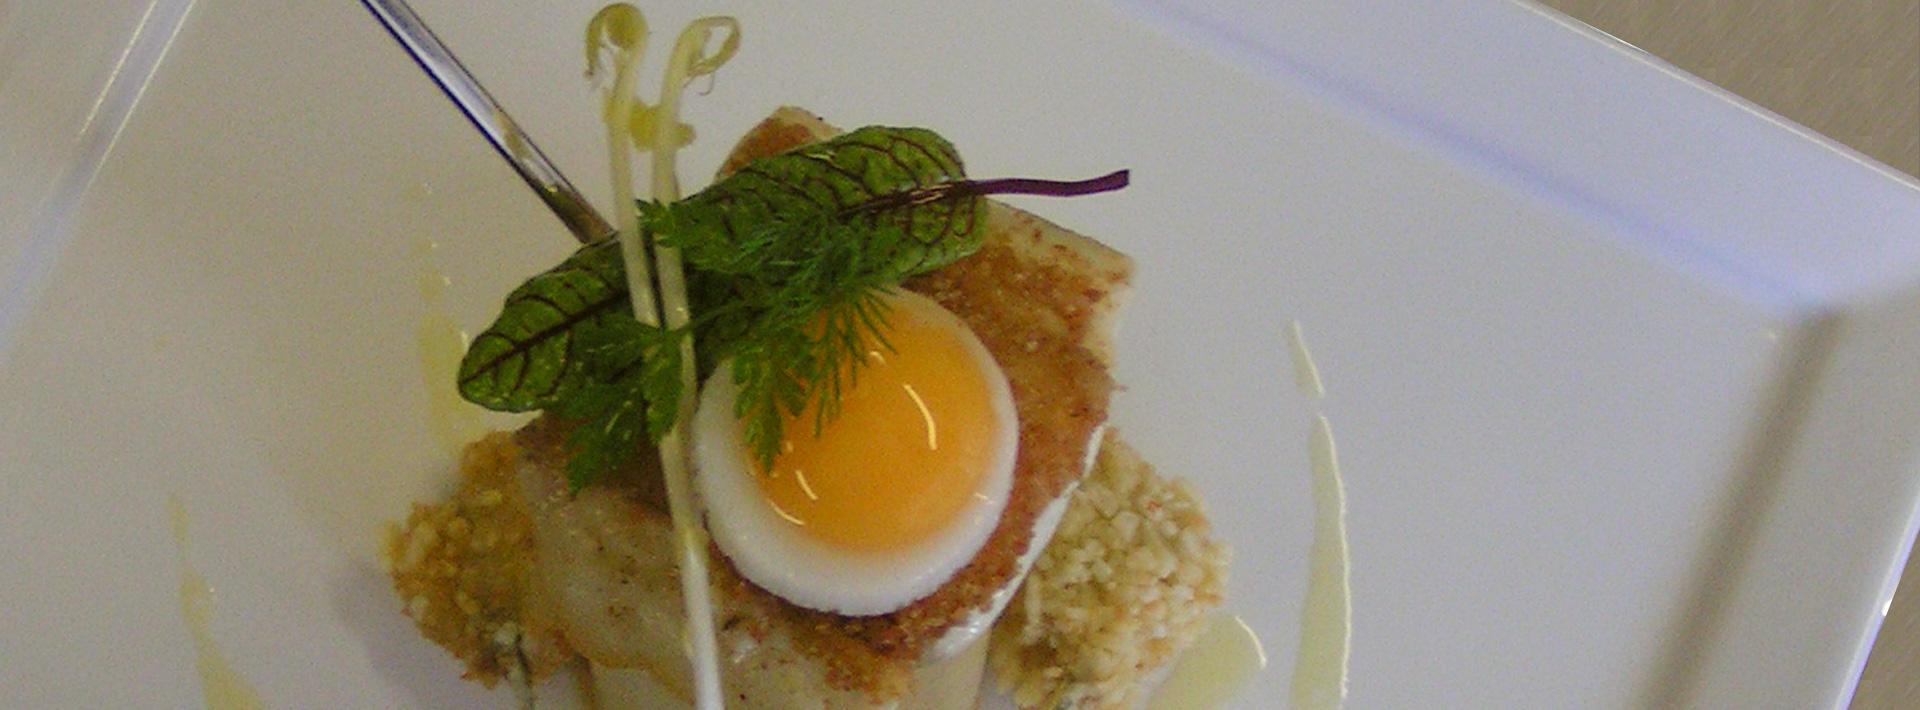 restaurant-malpertus-in-st-niklaas_kooklessen-2005-007